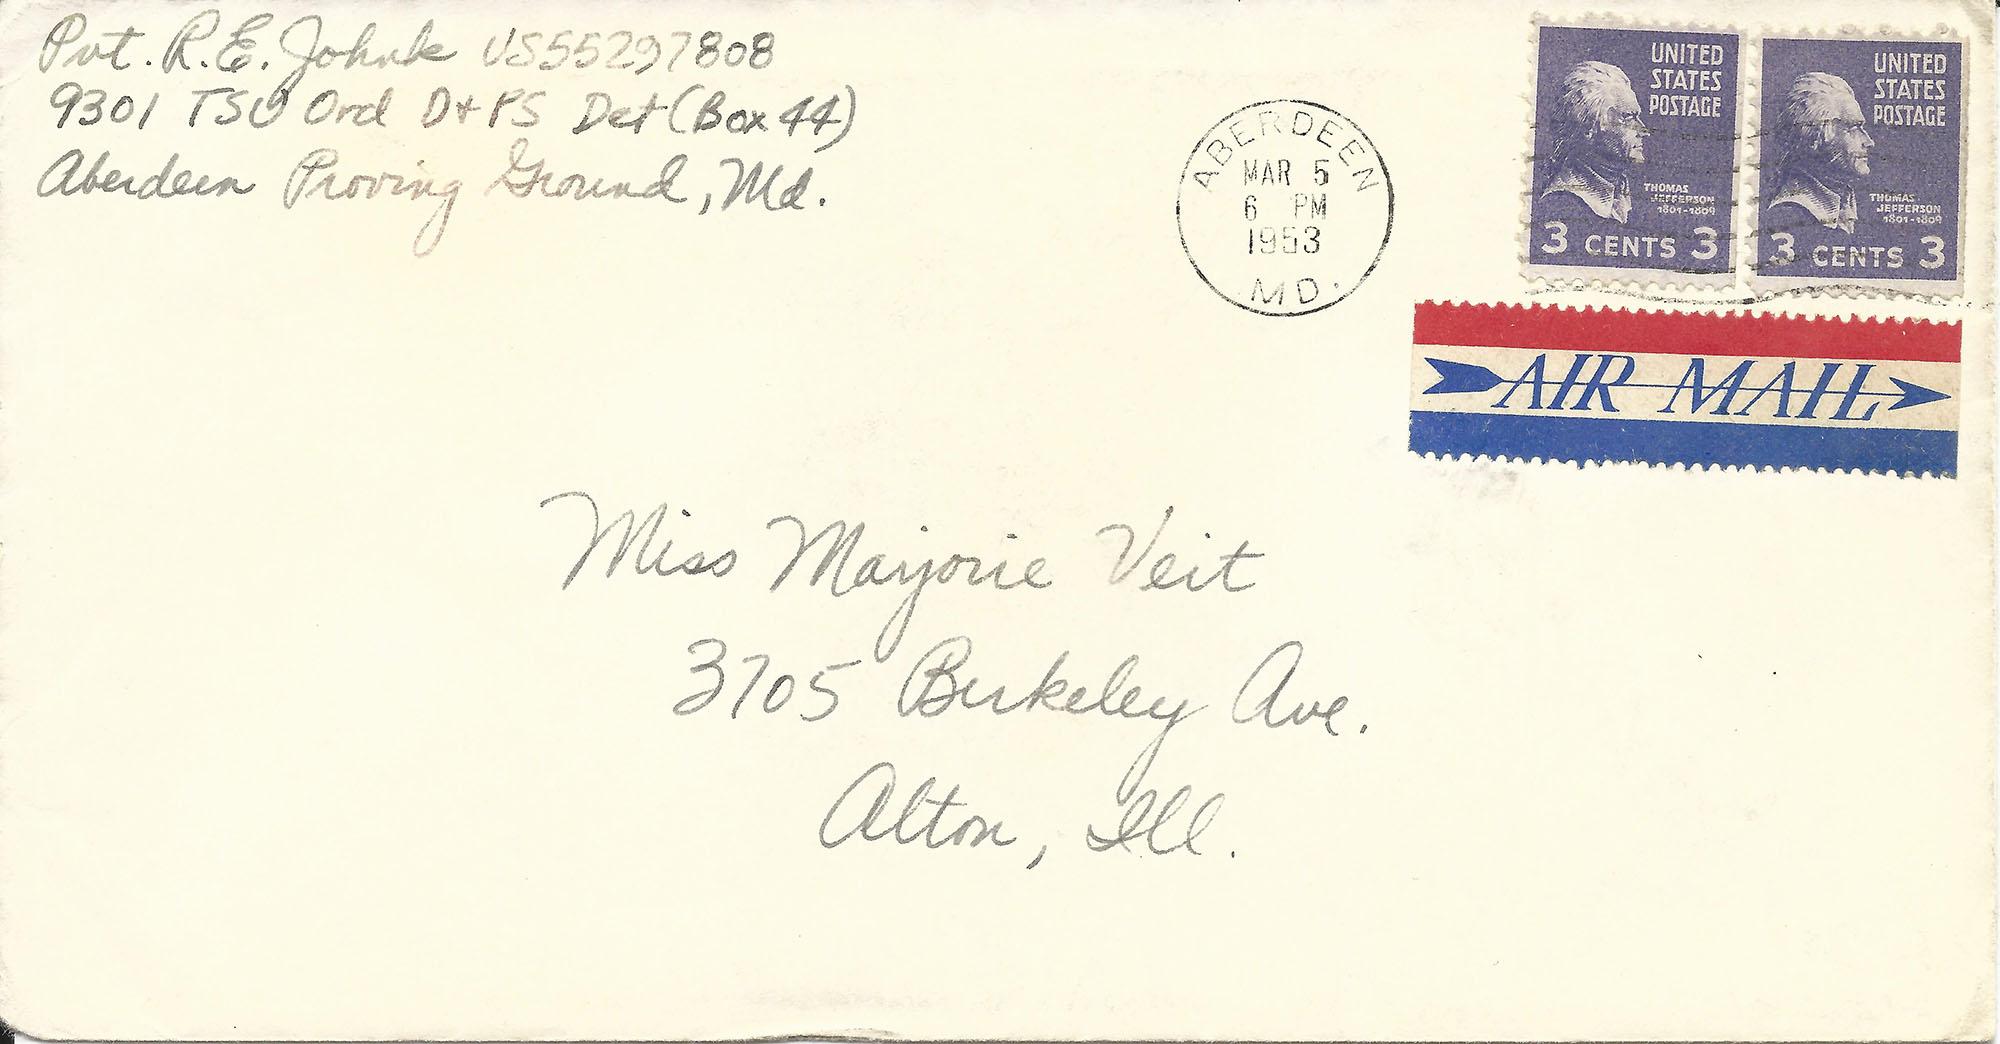 Mar. 5, 1953 (Bob) Envelope